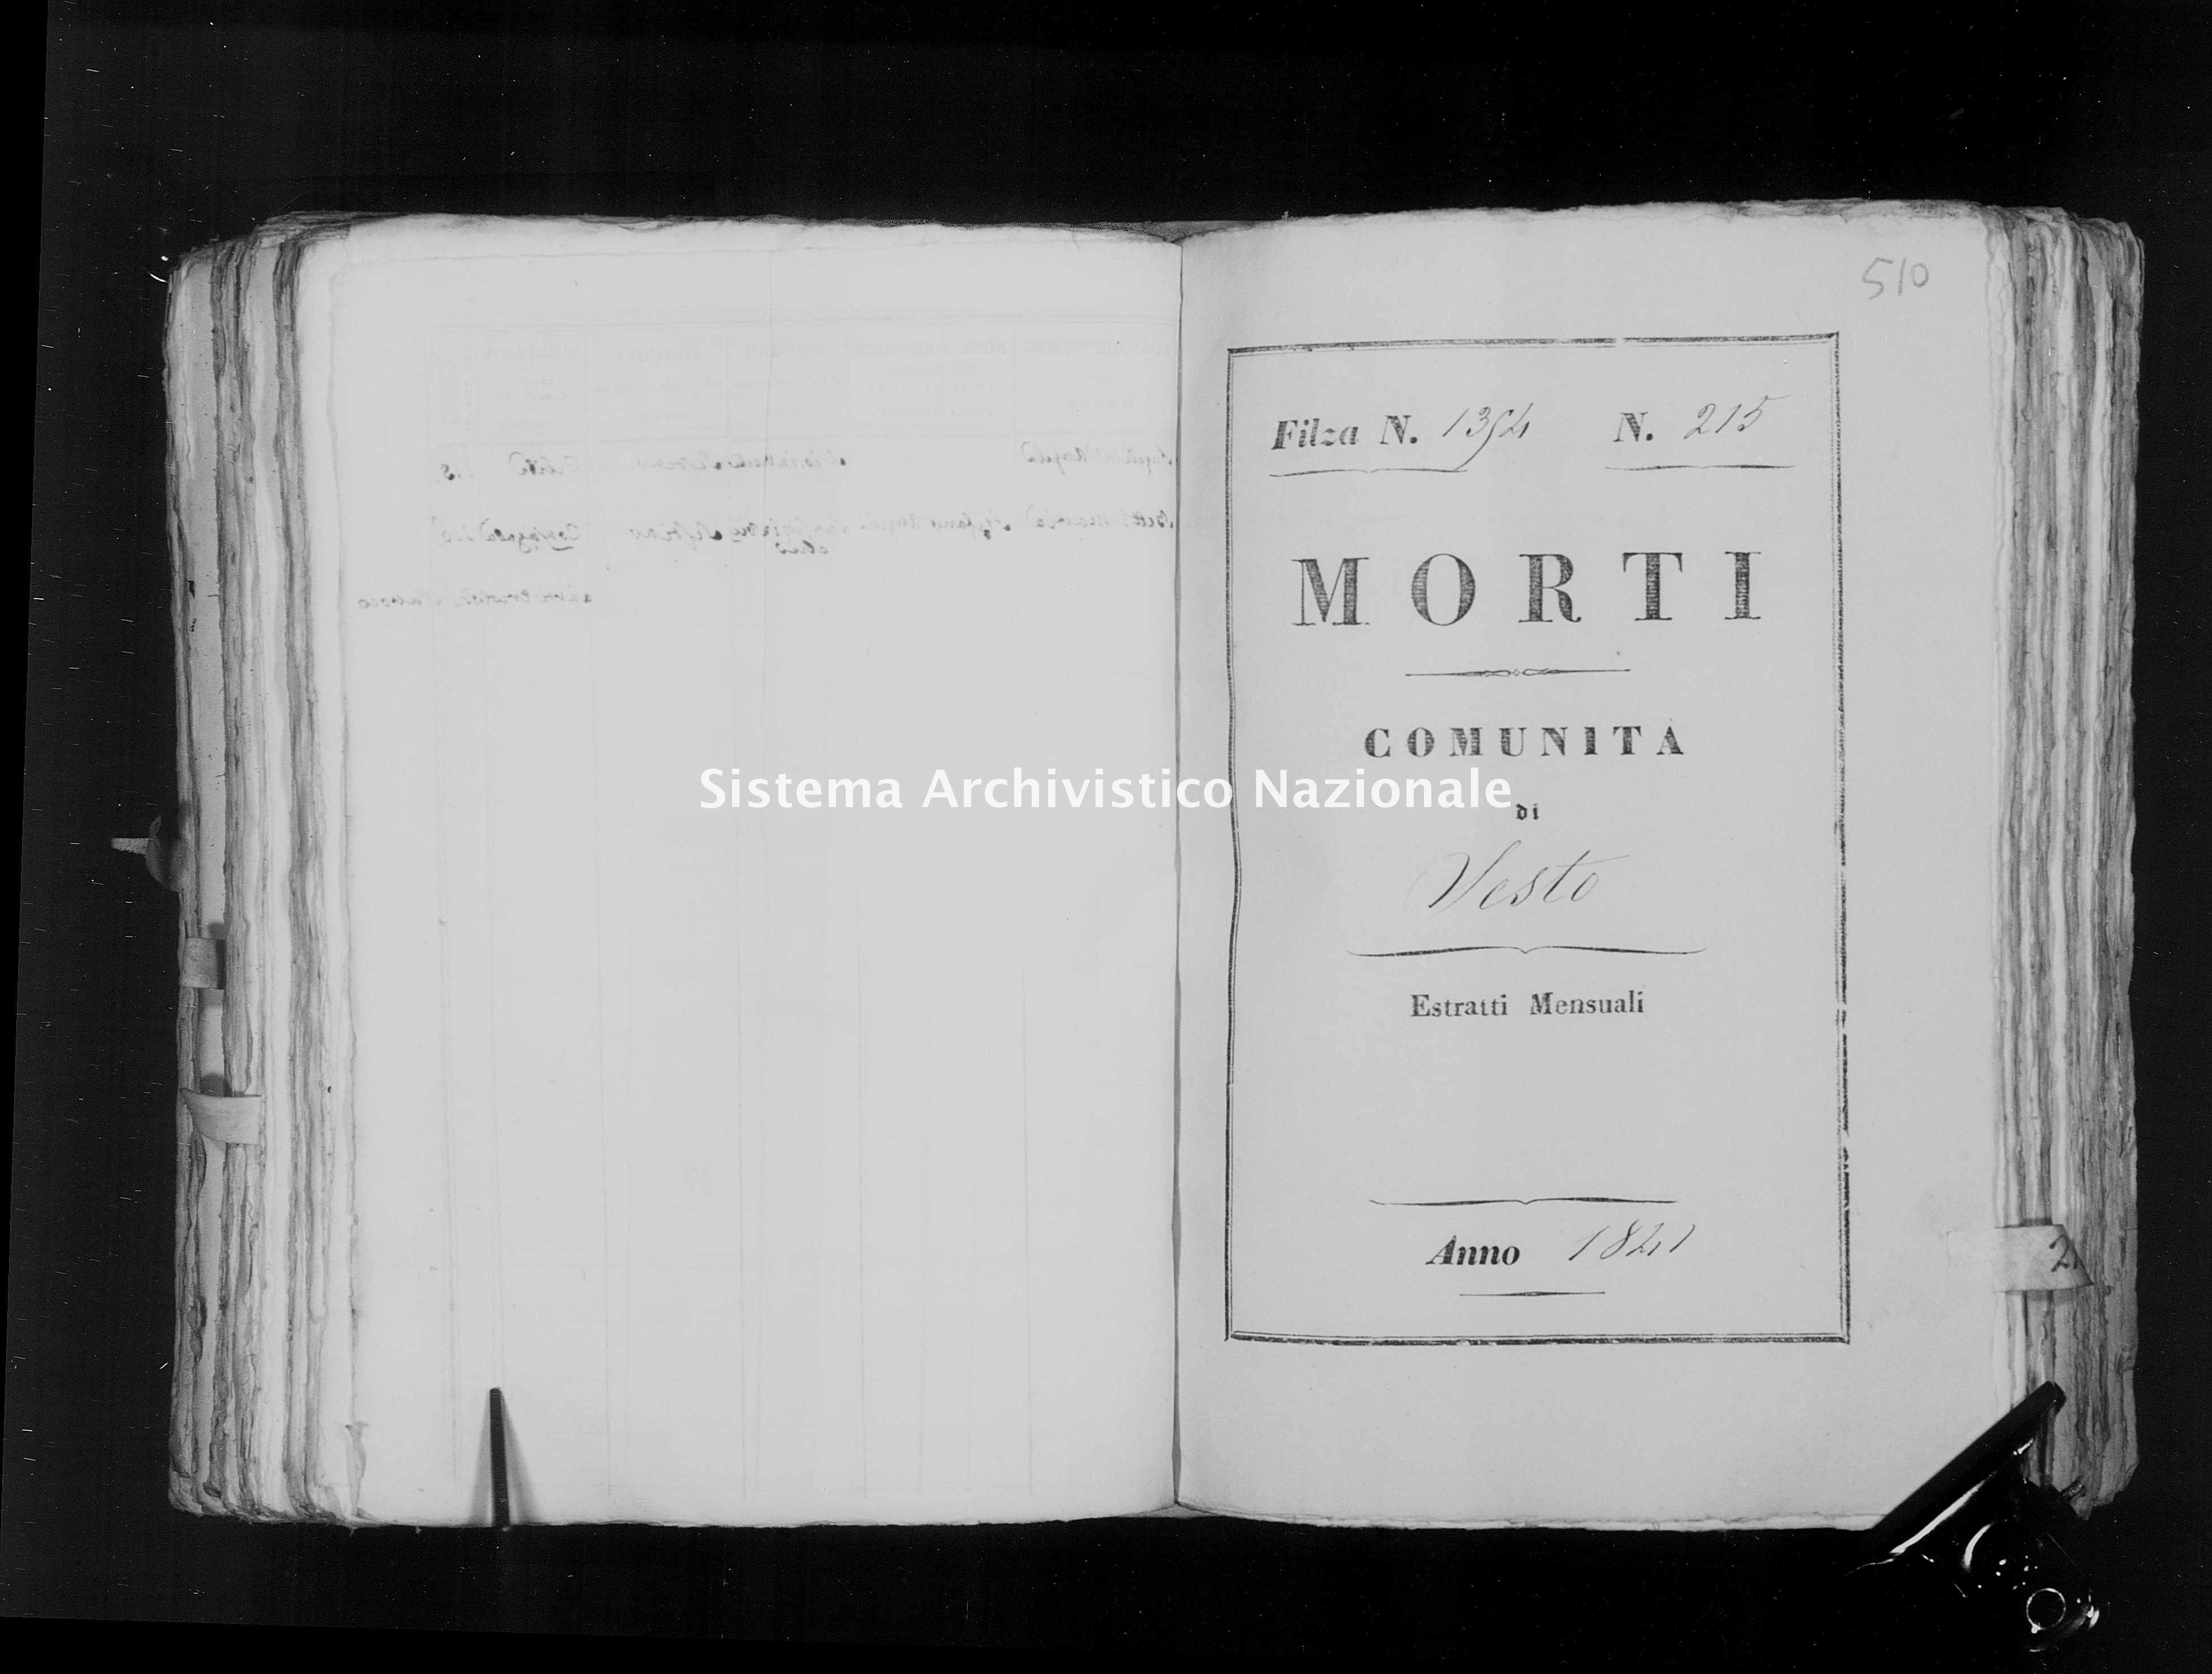 Archivio di stato di Firenze - Stato civile della restaurazione - Sesto - Morti - 1841 - 1354 -